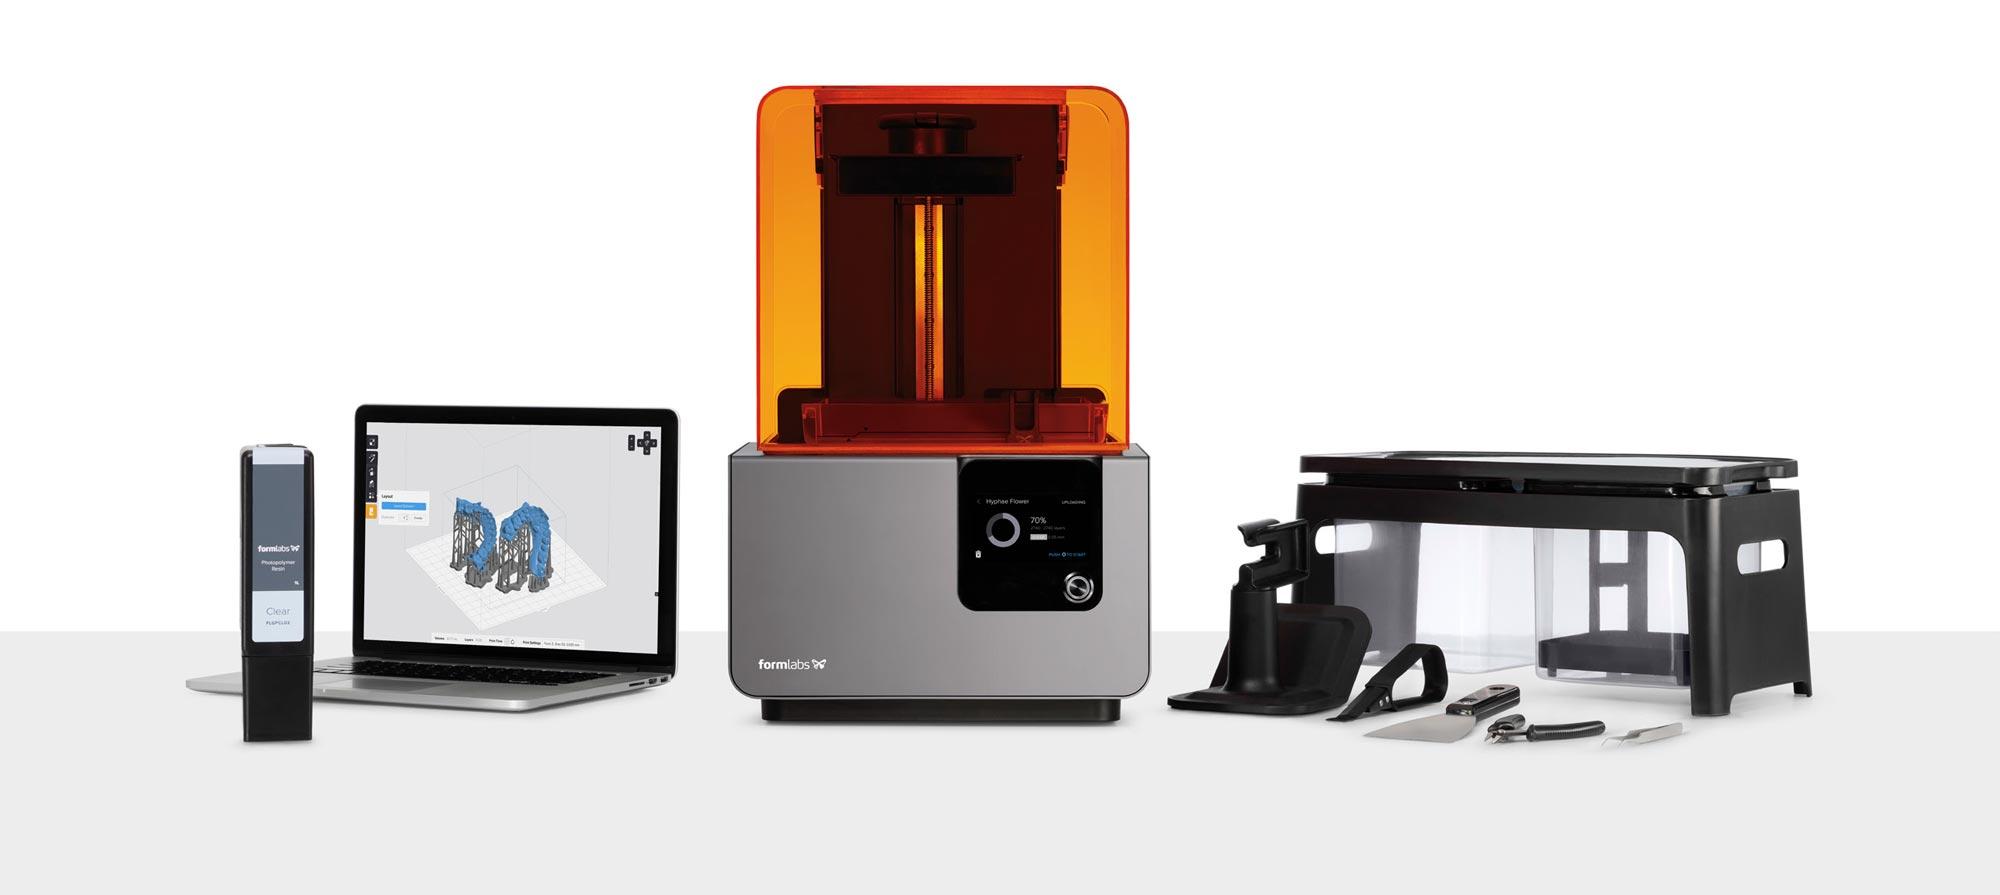 imprimante 3d formlabs form 2 la meilleure pour le dentaire. Black Bedroom Furniture Sets. Home Design Ideas